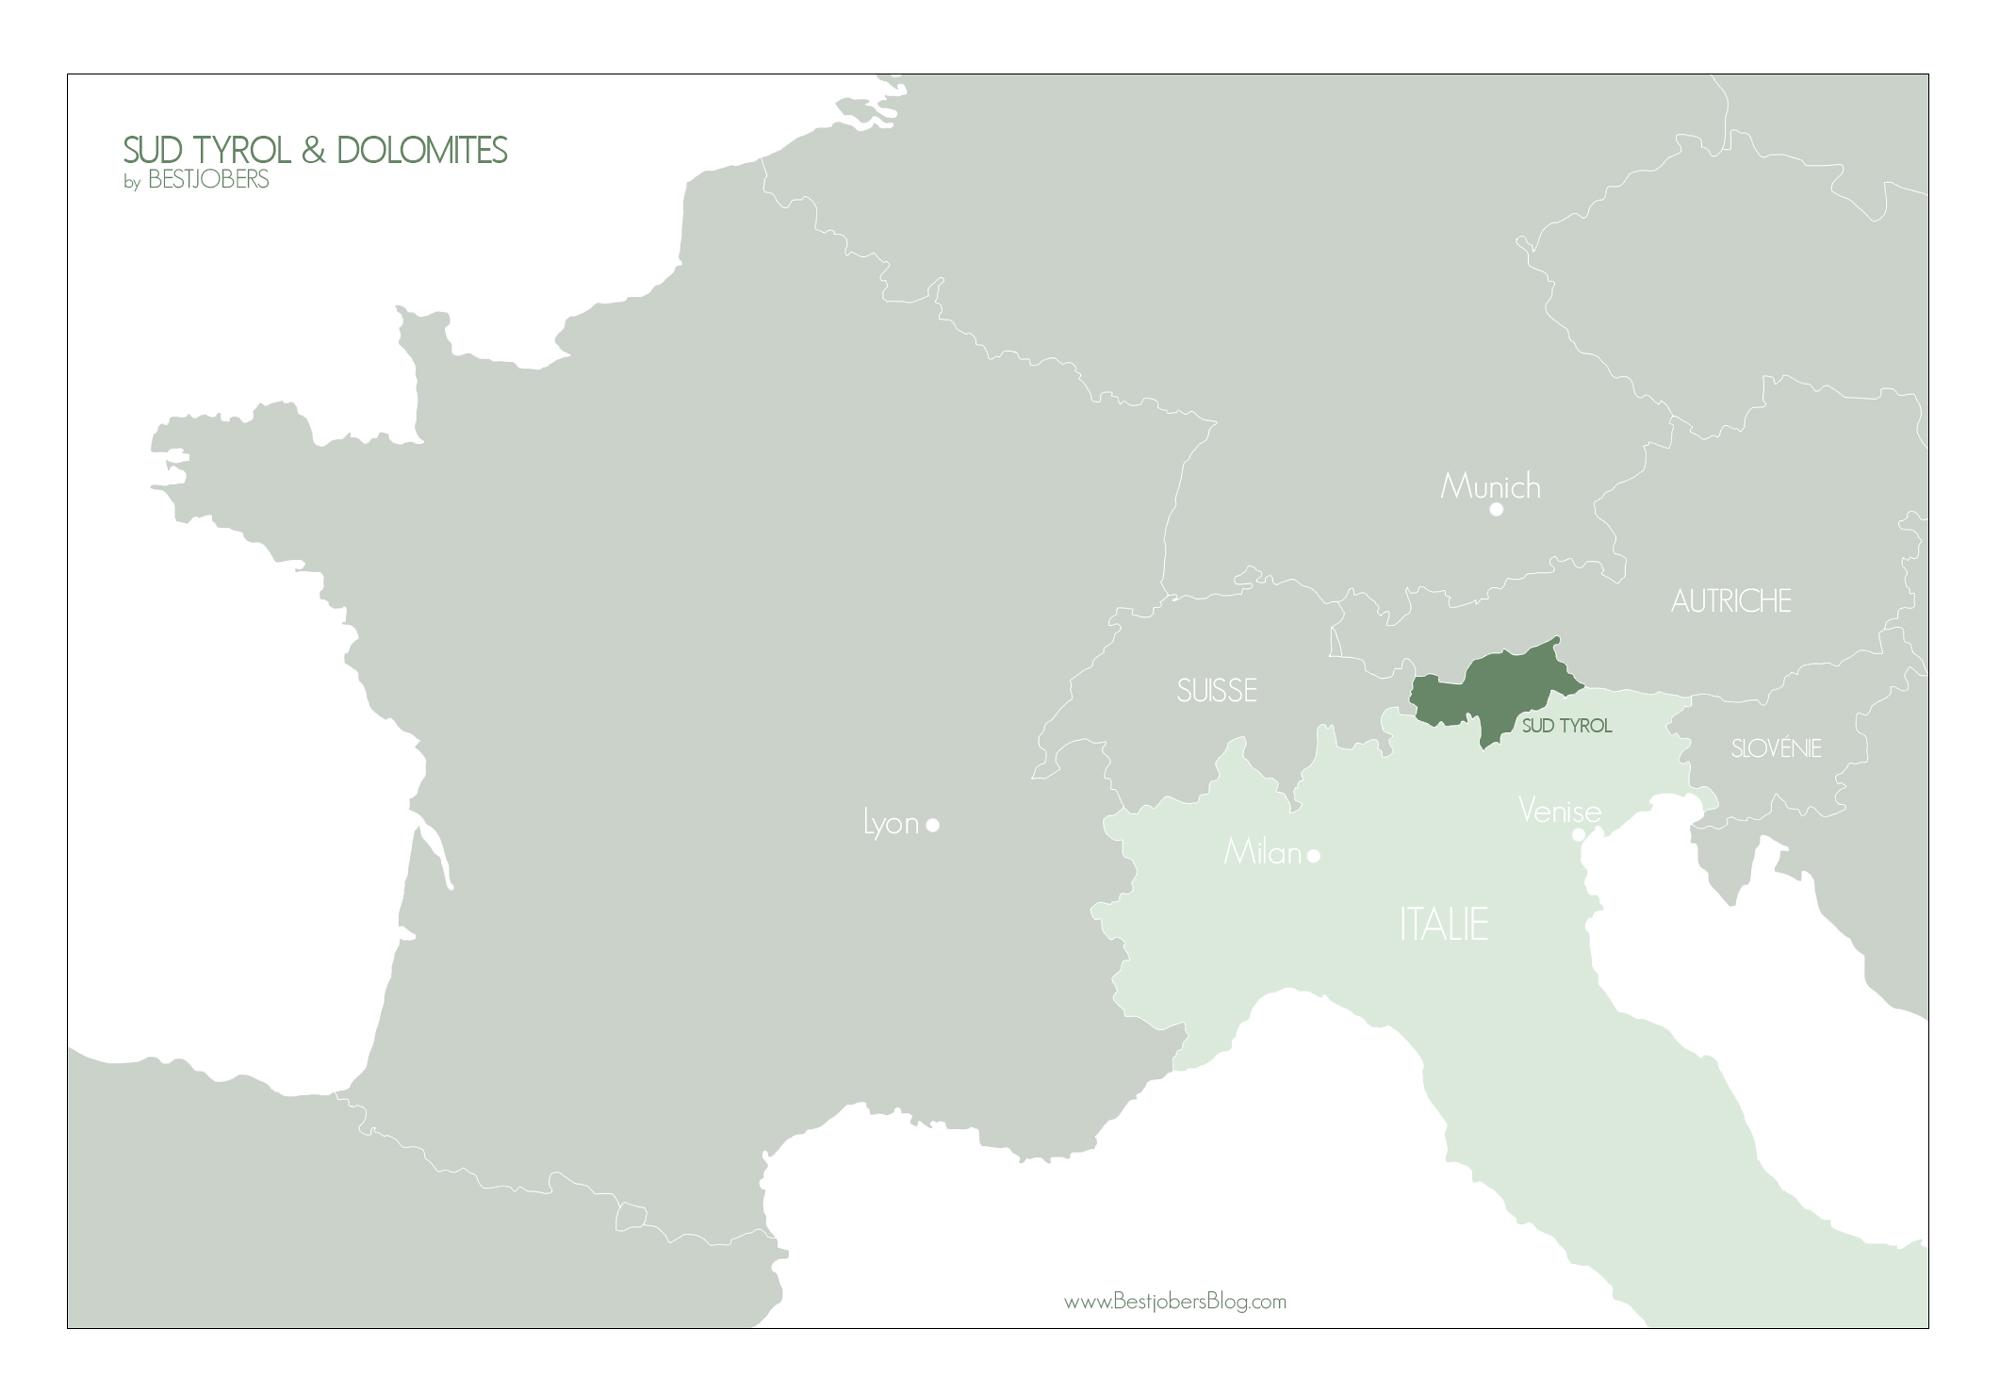 Carte Sud Tyrol Dolomites